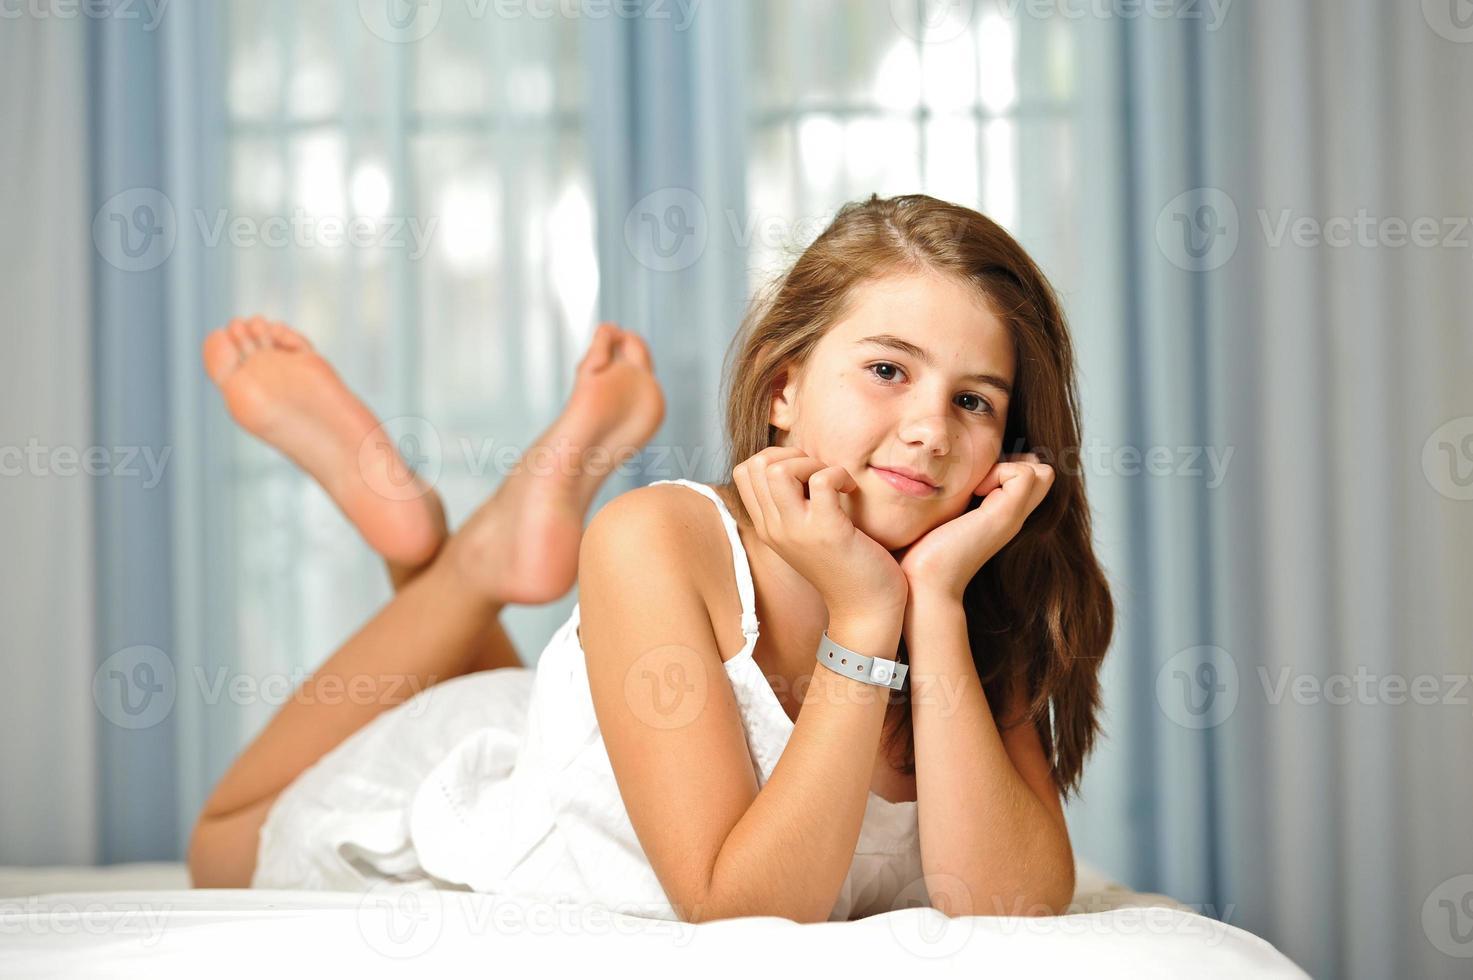 retrato de menina adolescente bonita sorridente em casa foto